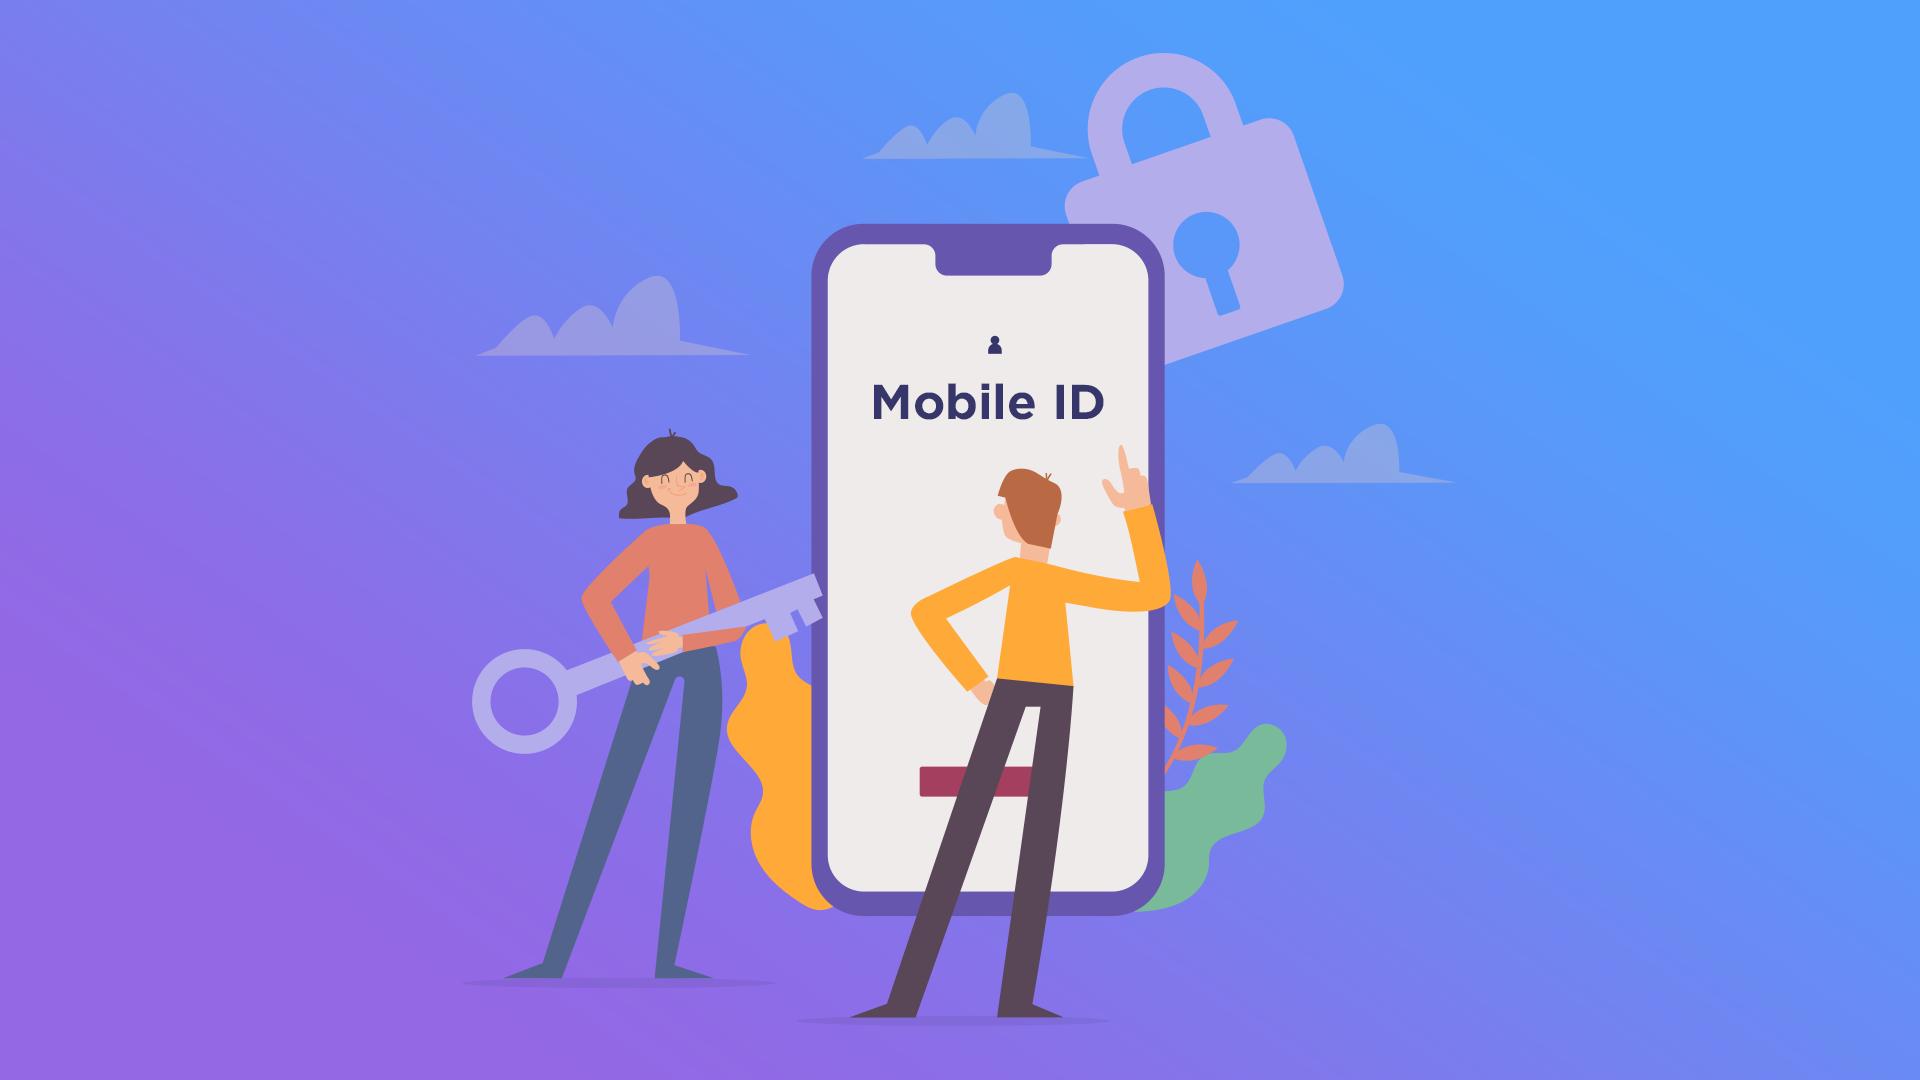 Билайн и МТС стали партнерами Альфа-Банка по внедрению сервиса Мобильного ID 1